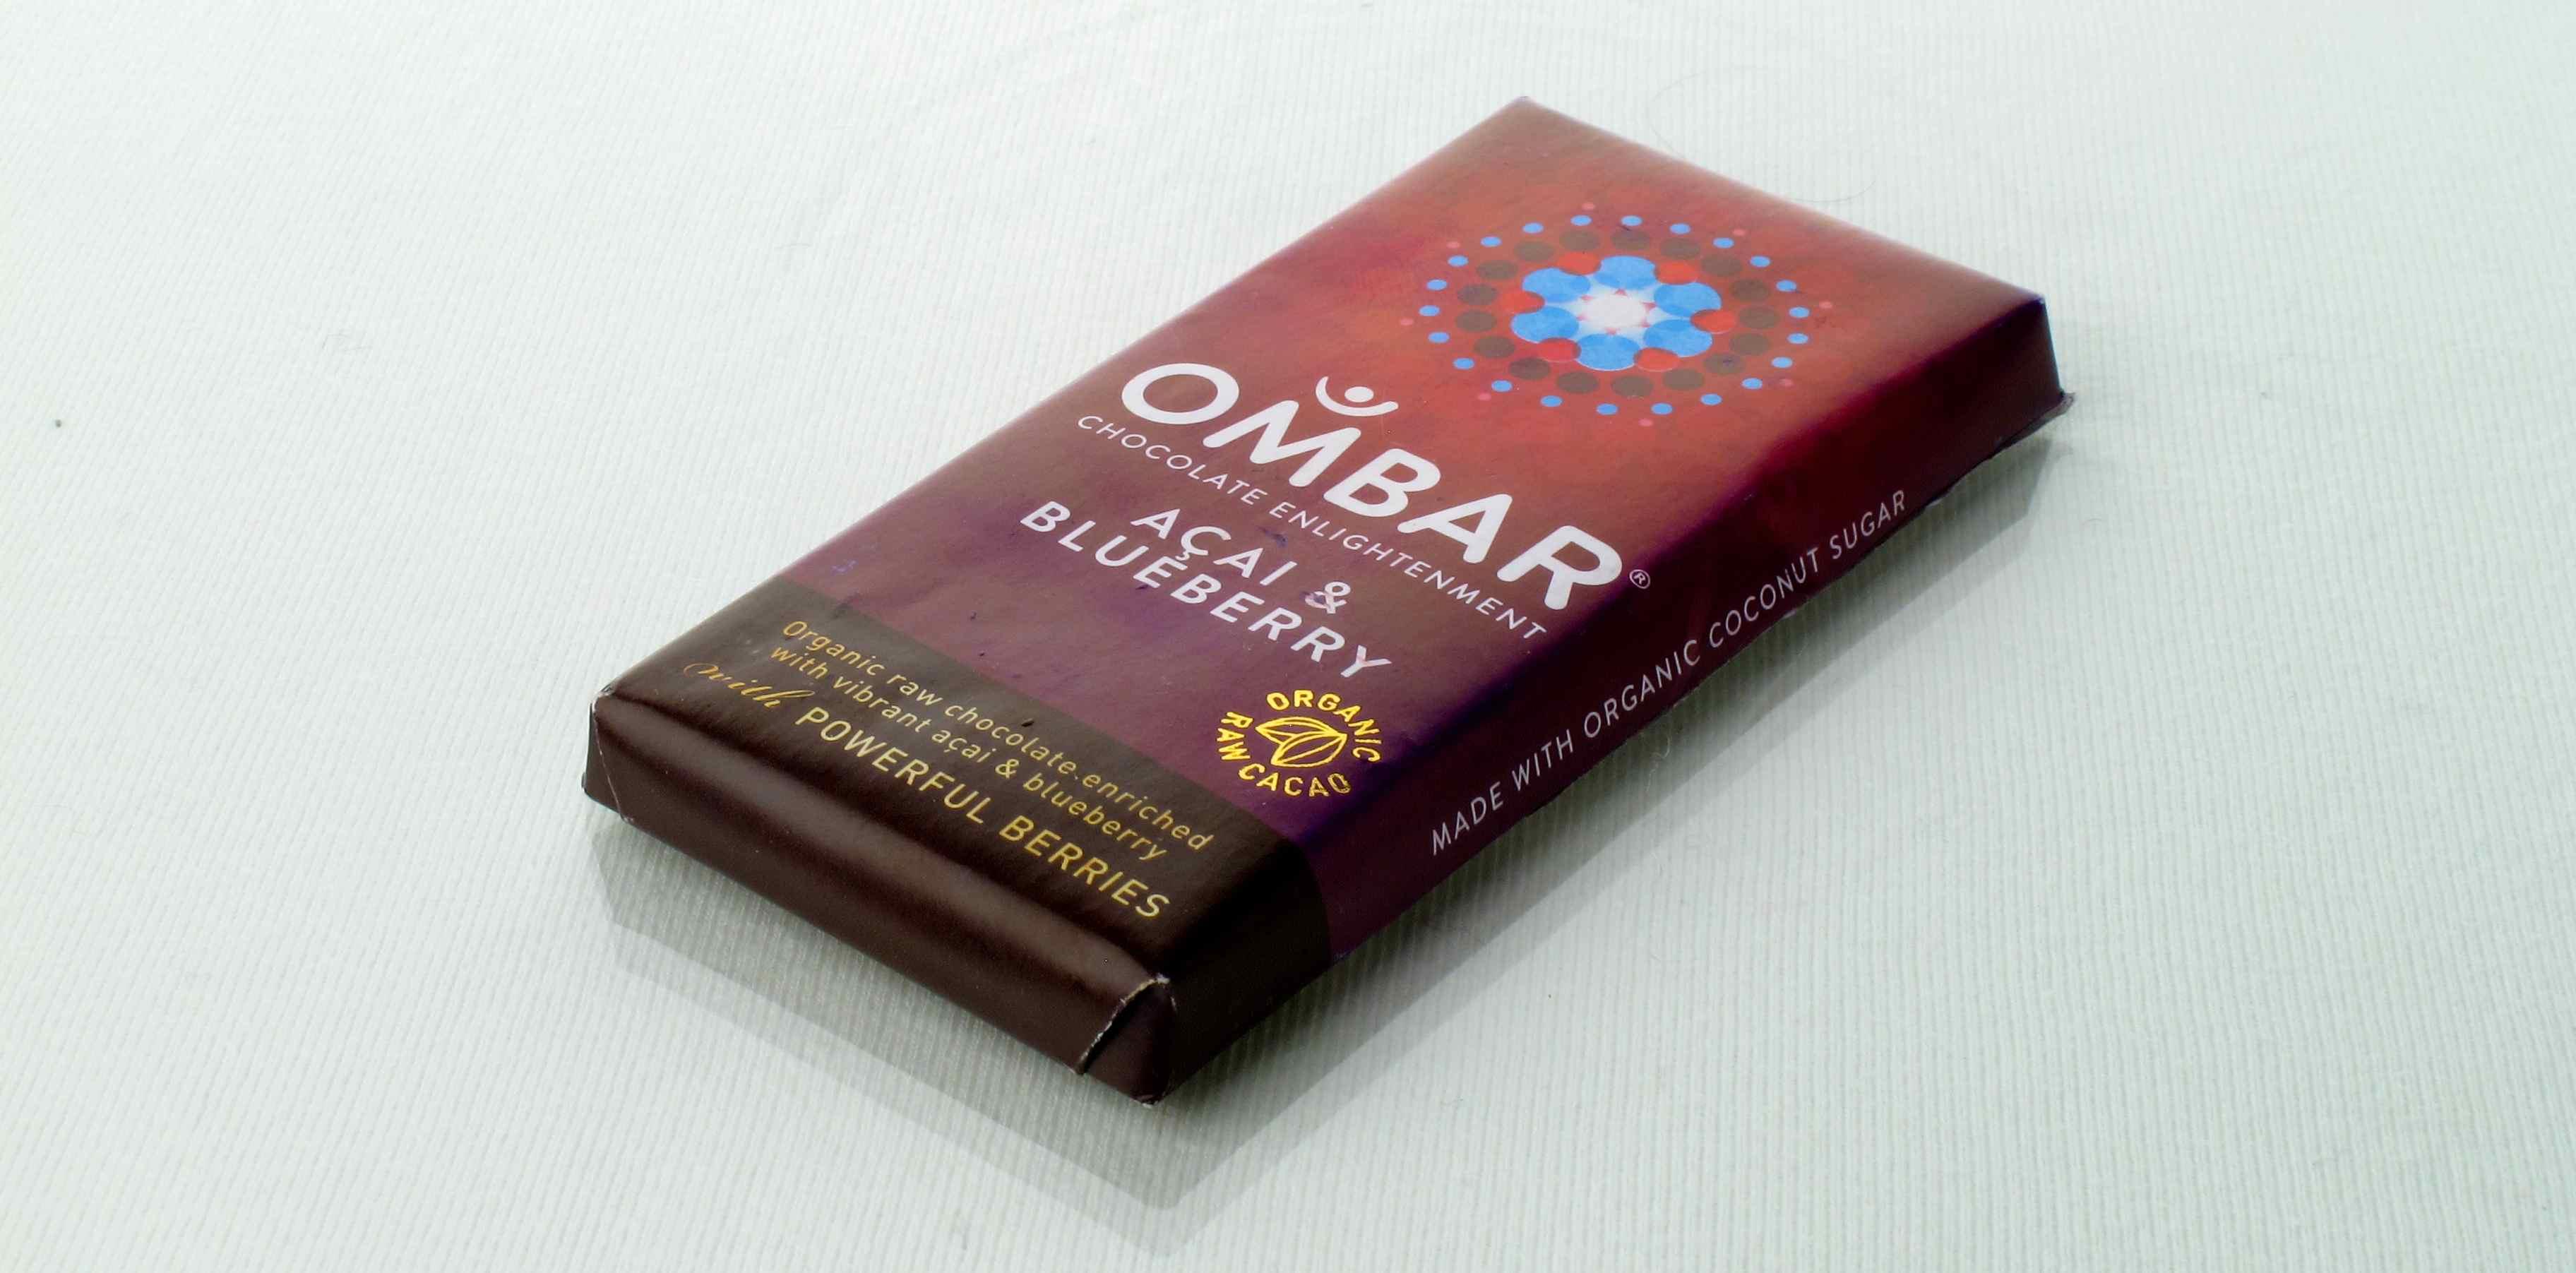 Ombar chocolate acai